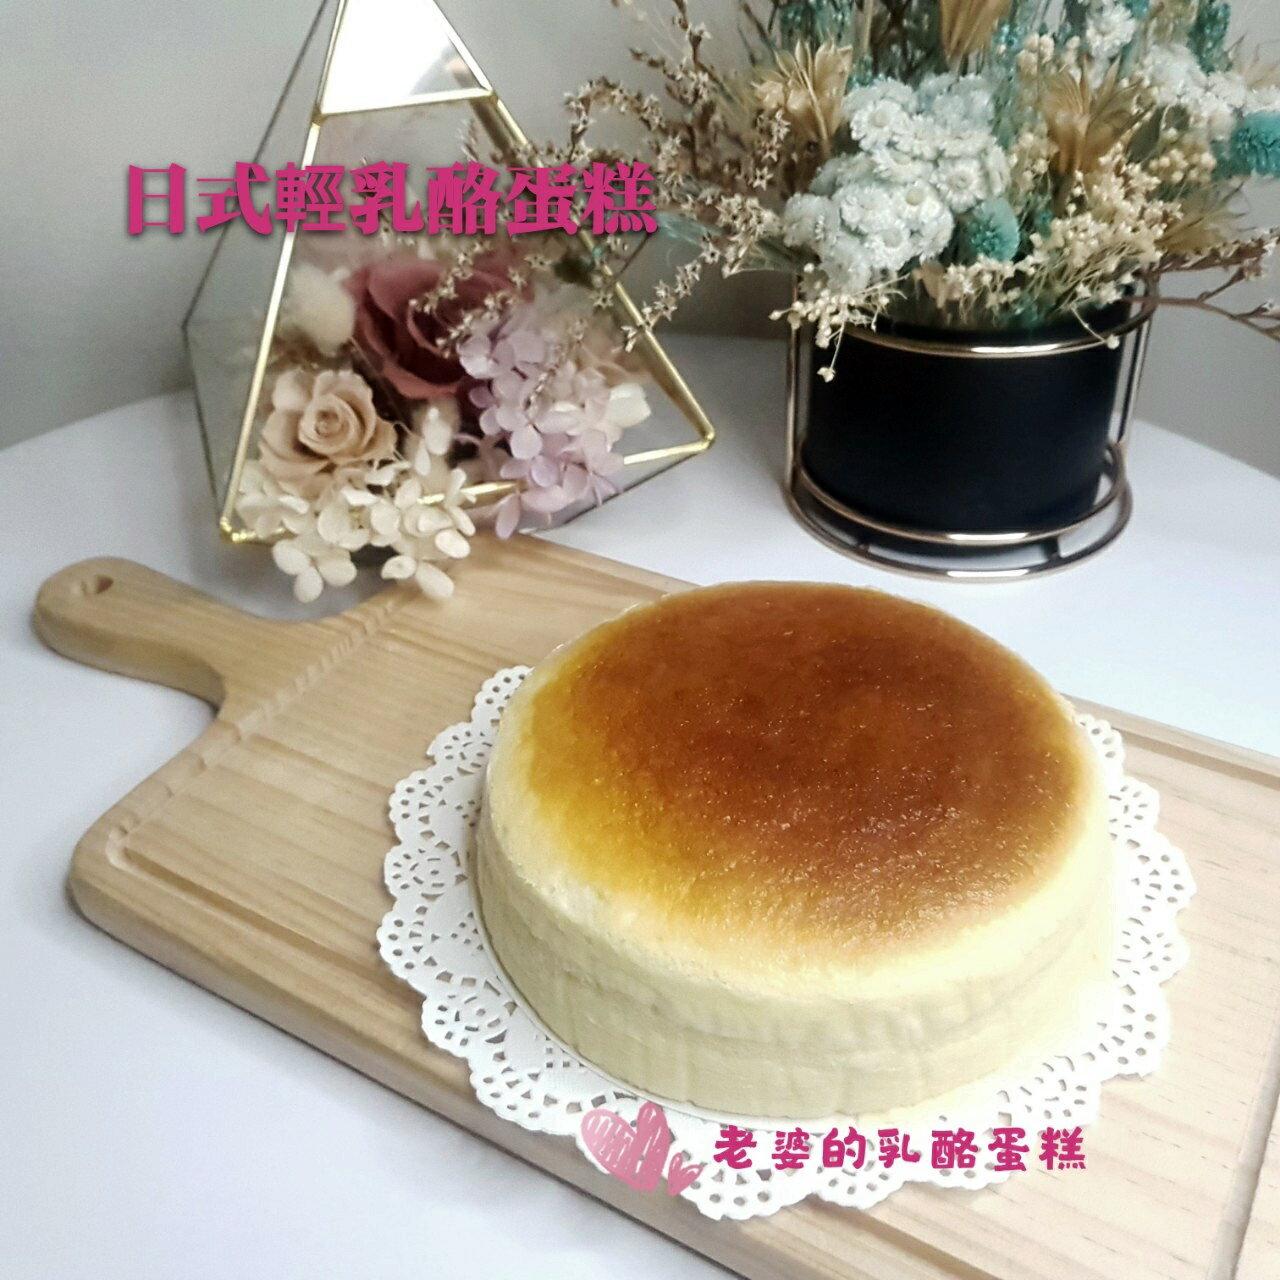 日式輕乳酪蛋糕6吋(老婆的乳酪蛋糕)